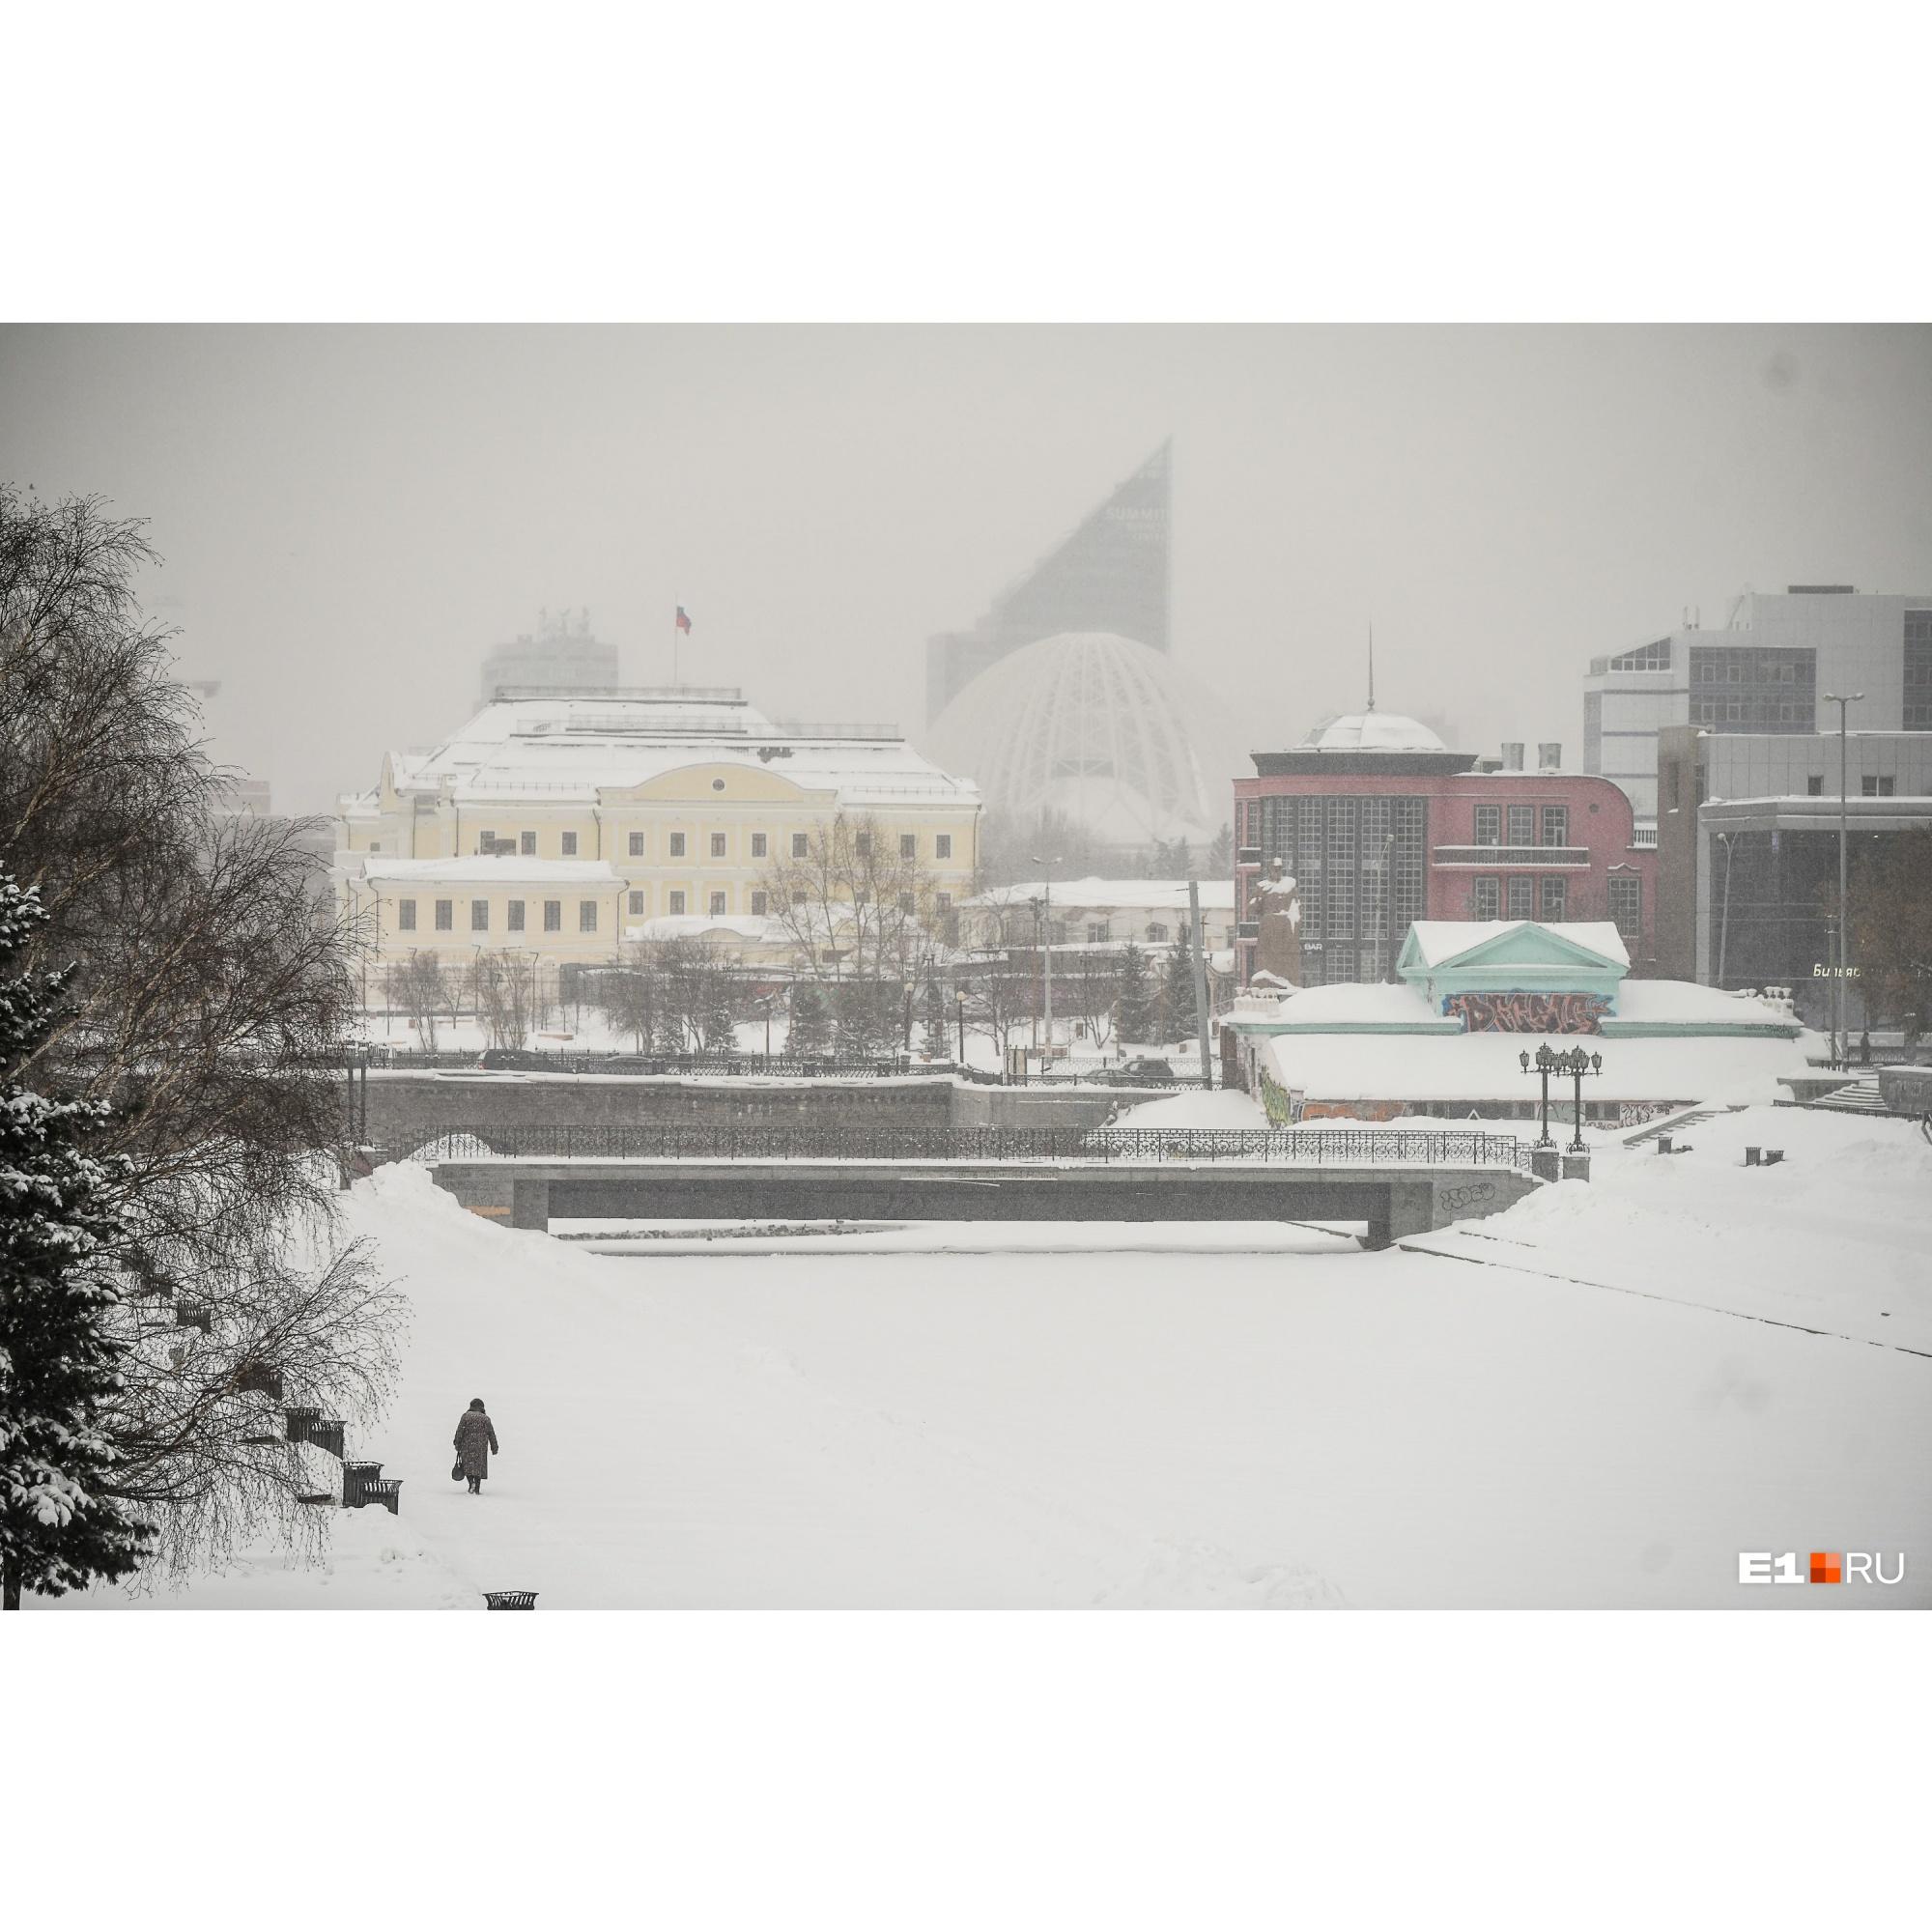 Вид на заснеженную резиденцию полпреда в УрФО с Плотинки